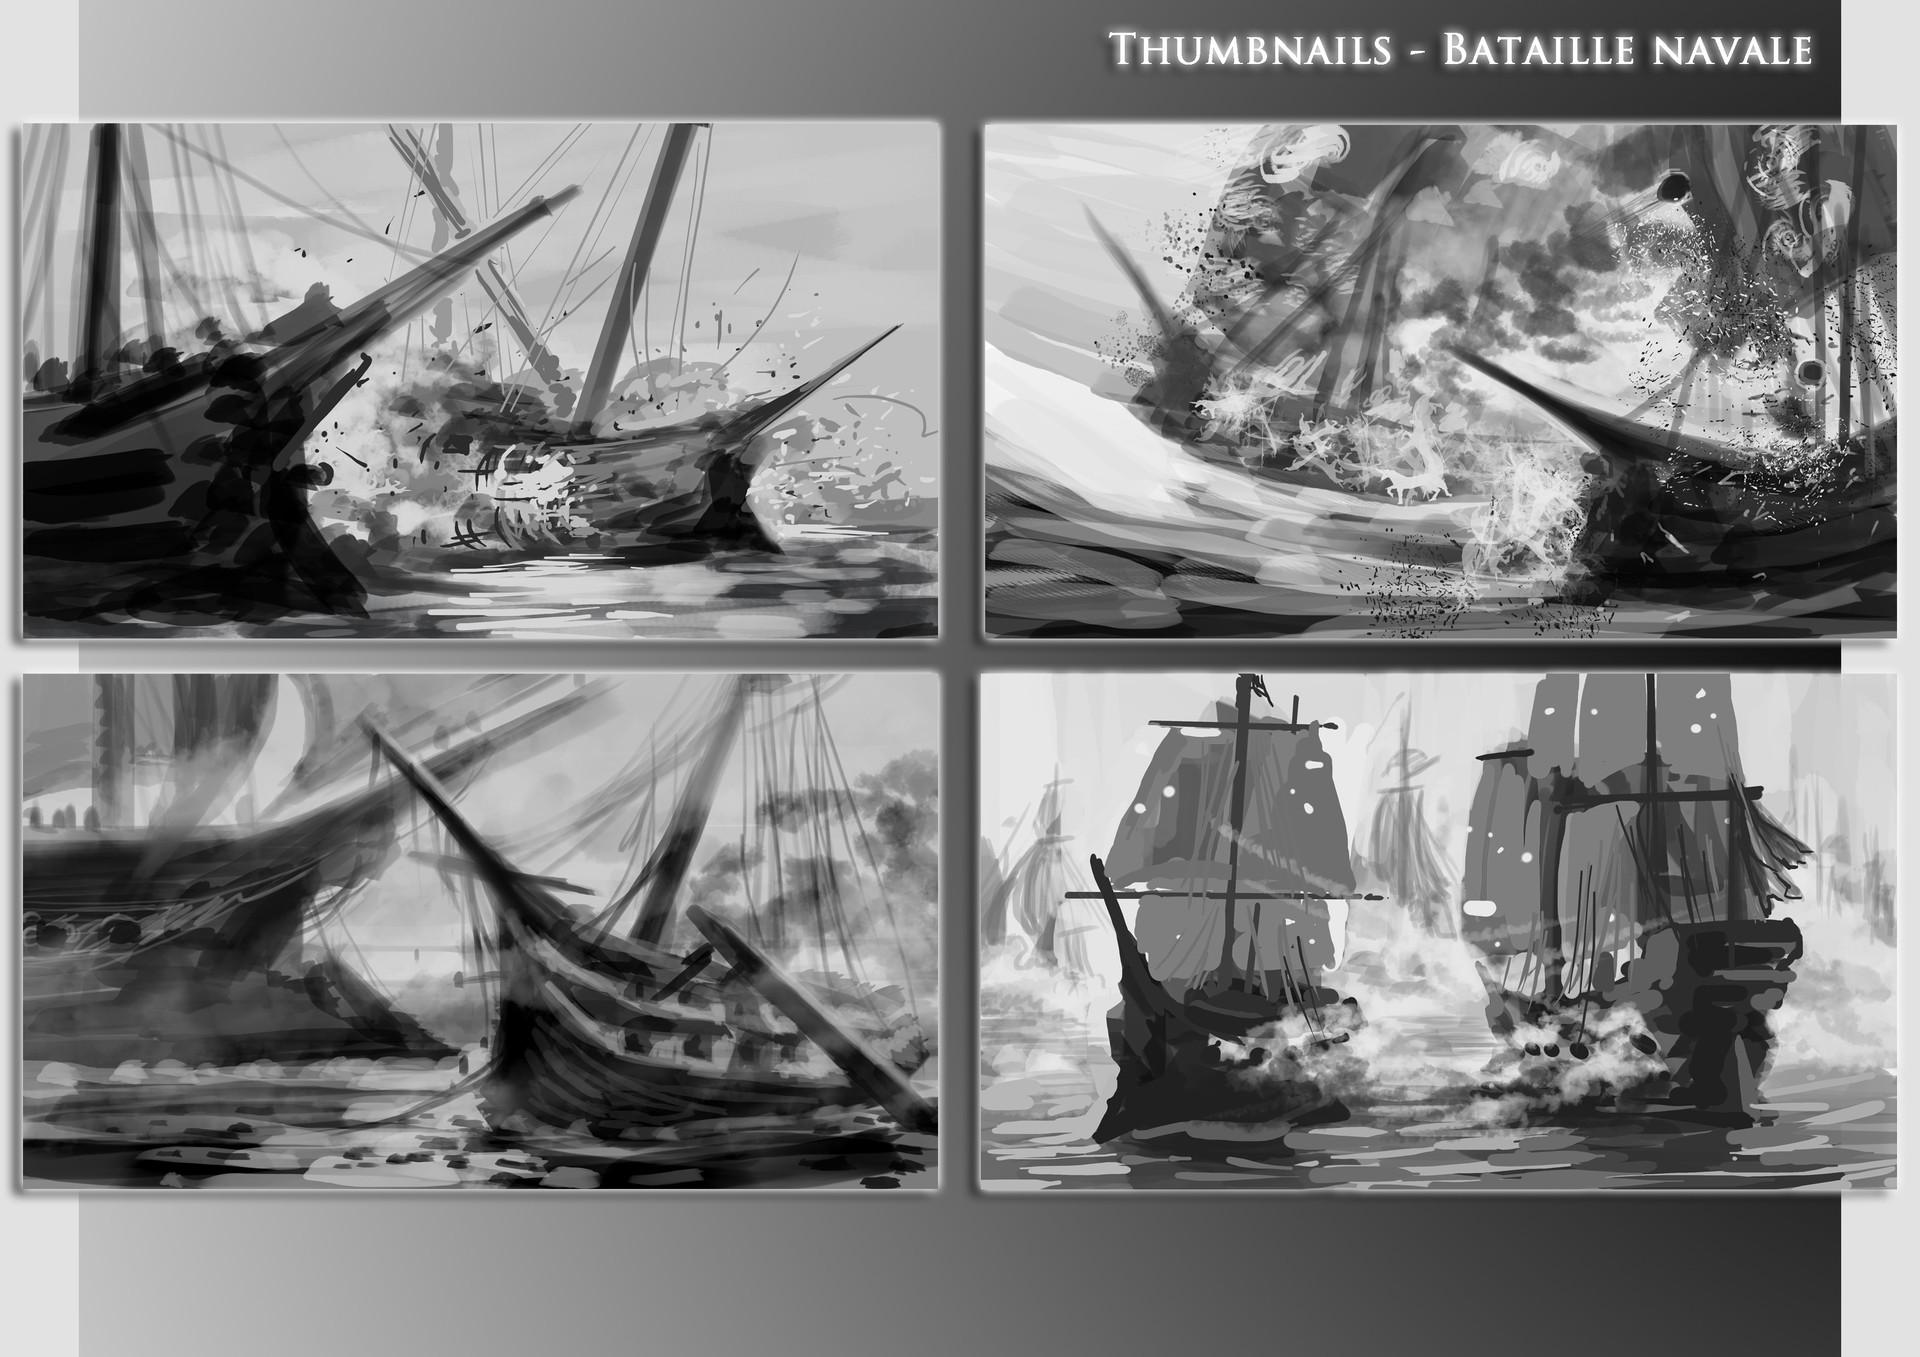 Quentin castel thumbnails bataille navale